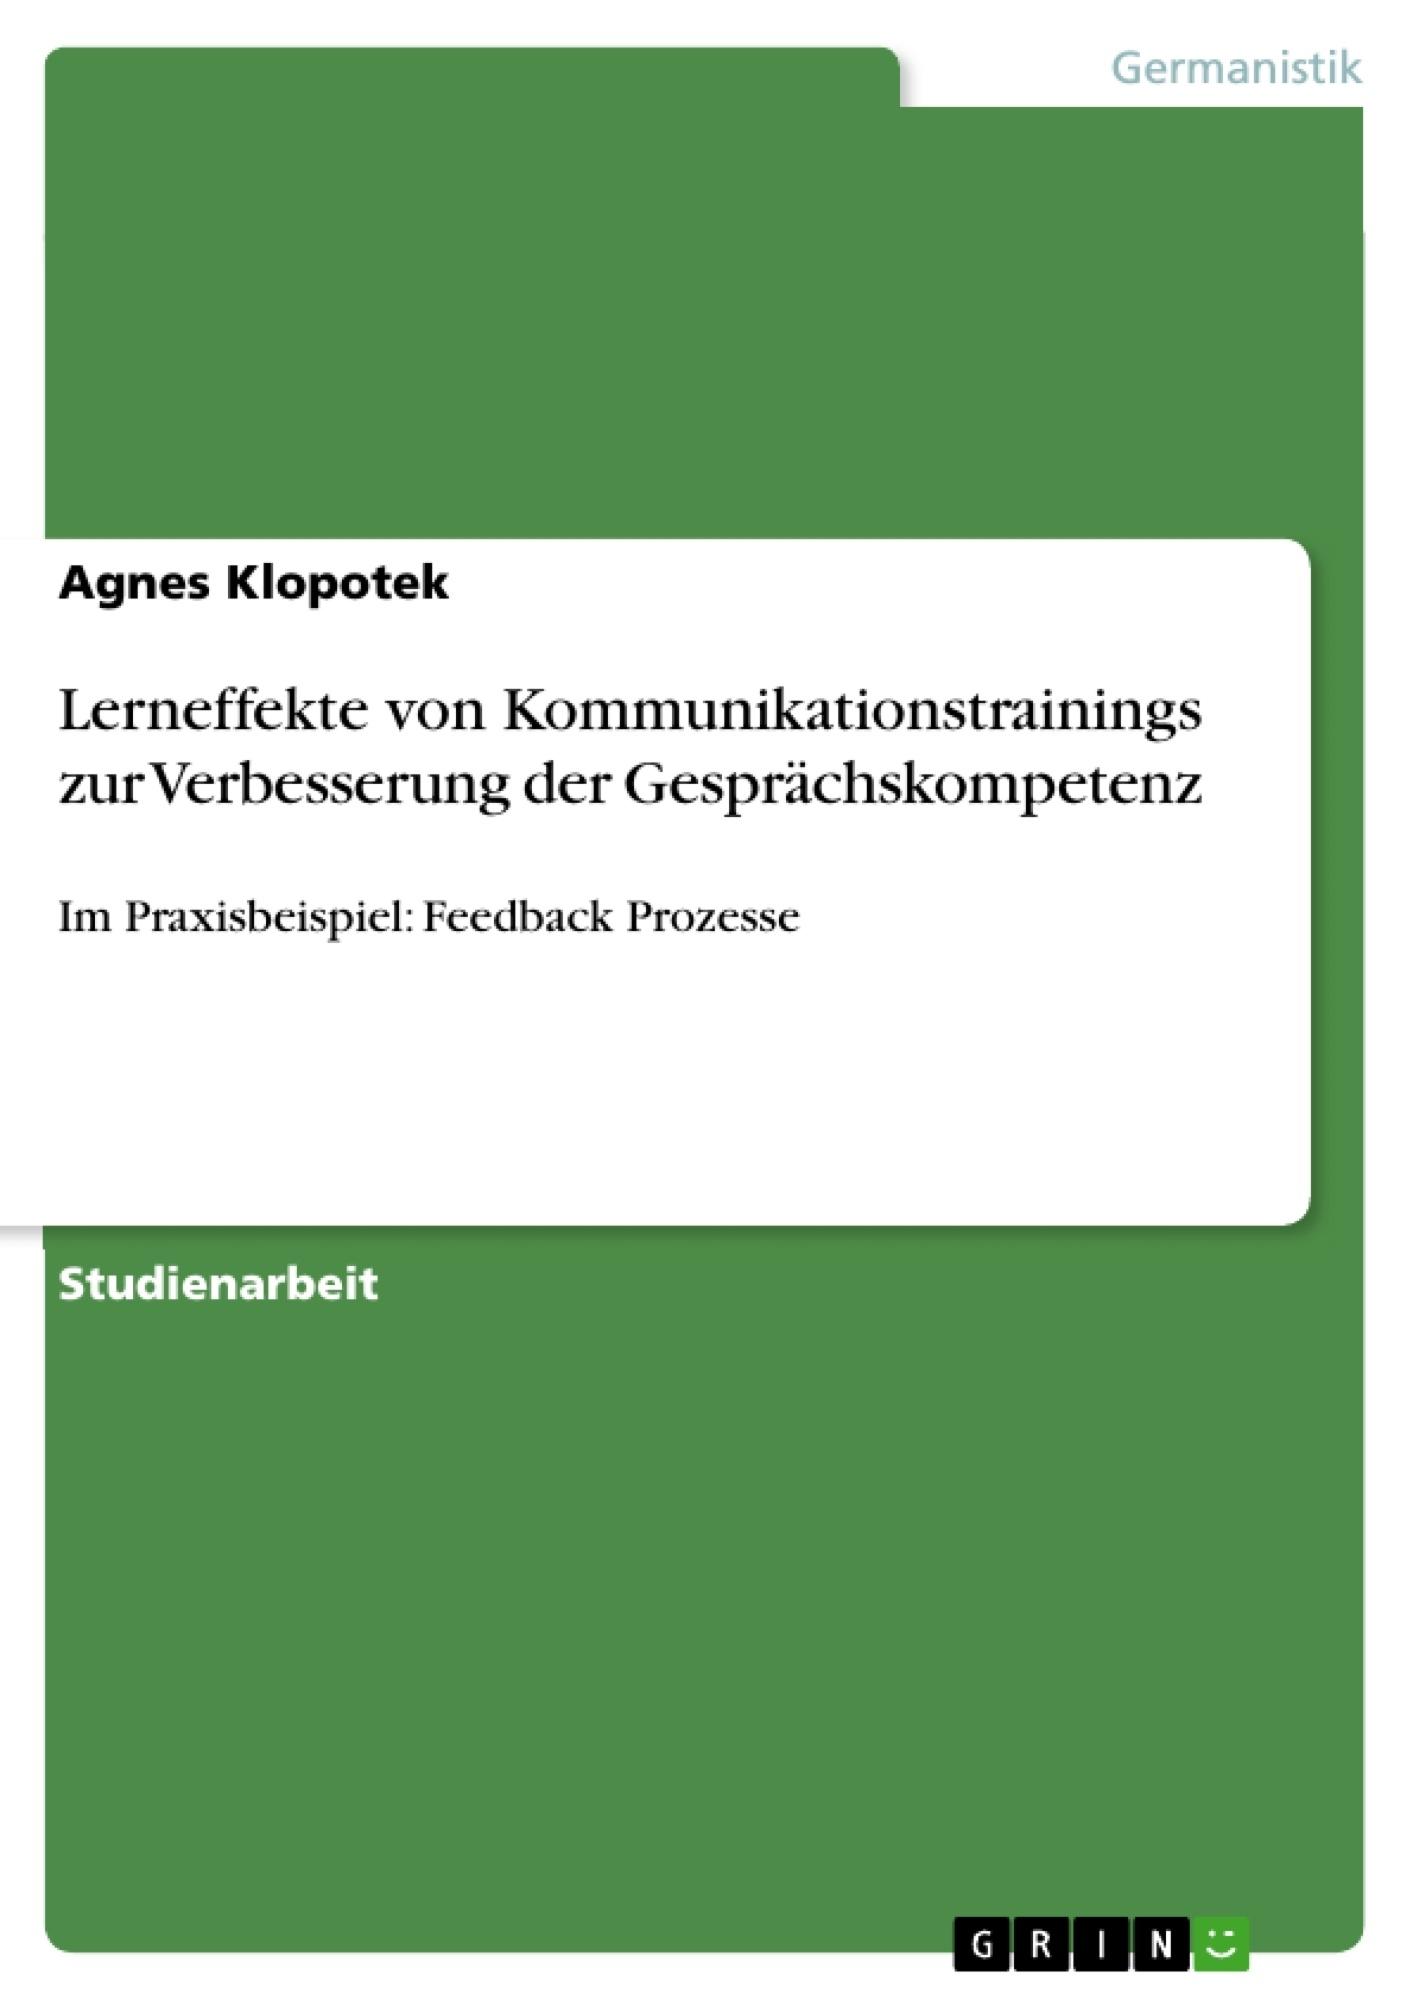 Titel: Lerneffekte von Kommunikationstrainings zur Verbesserung der Gesprächskompetenz